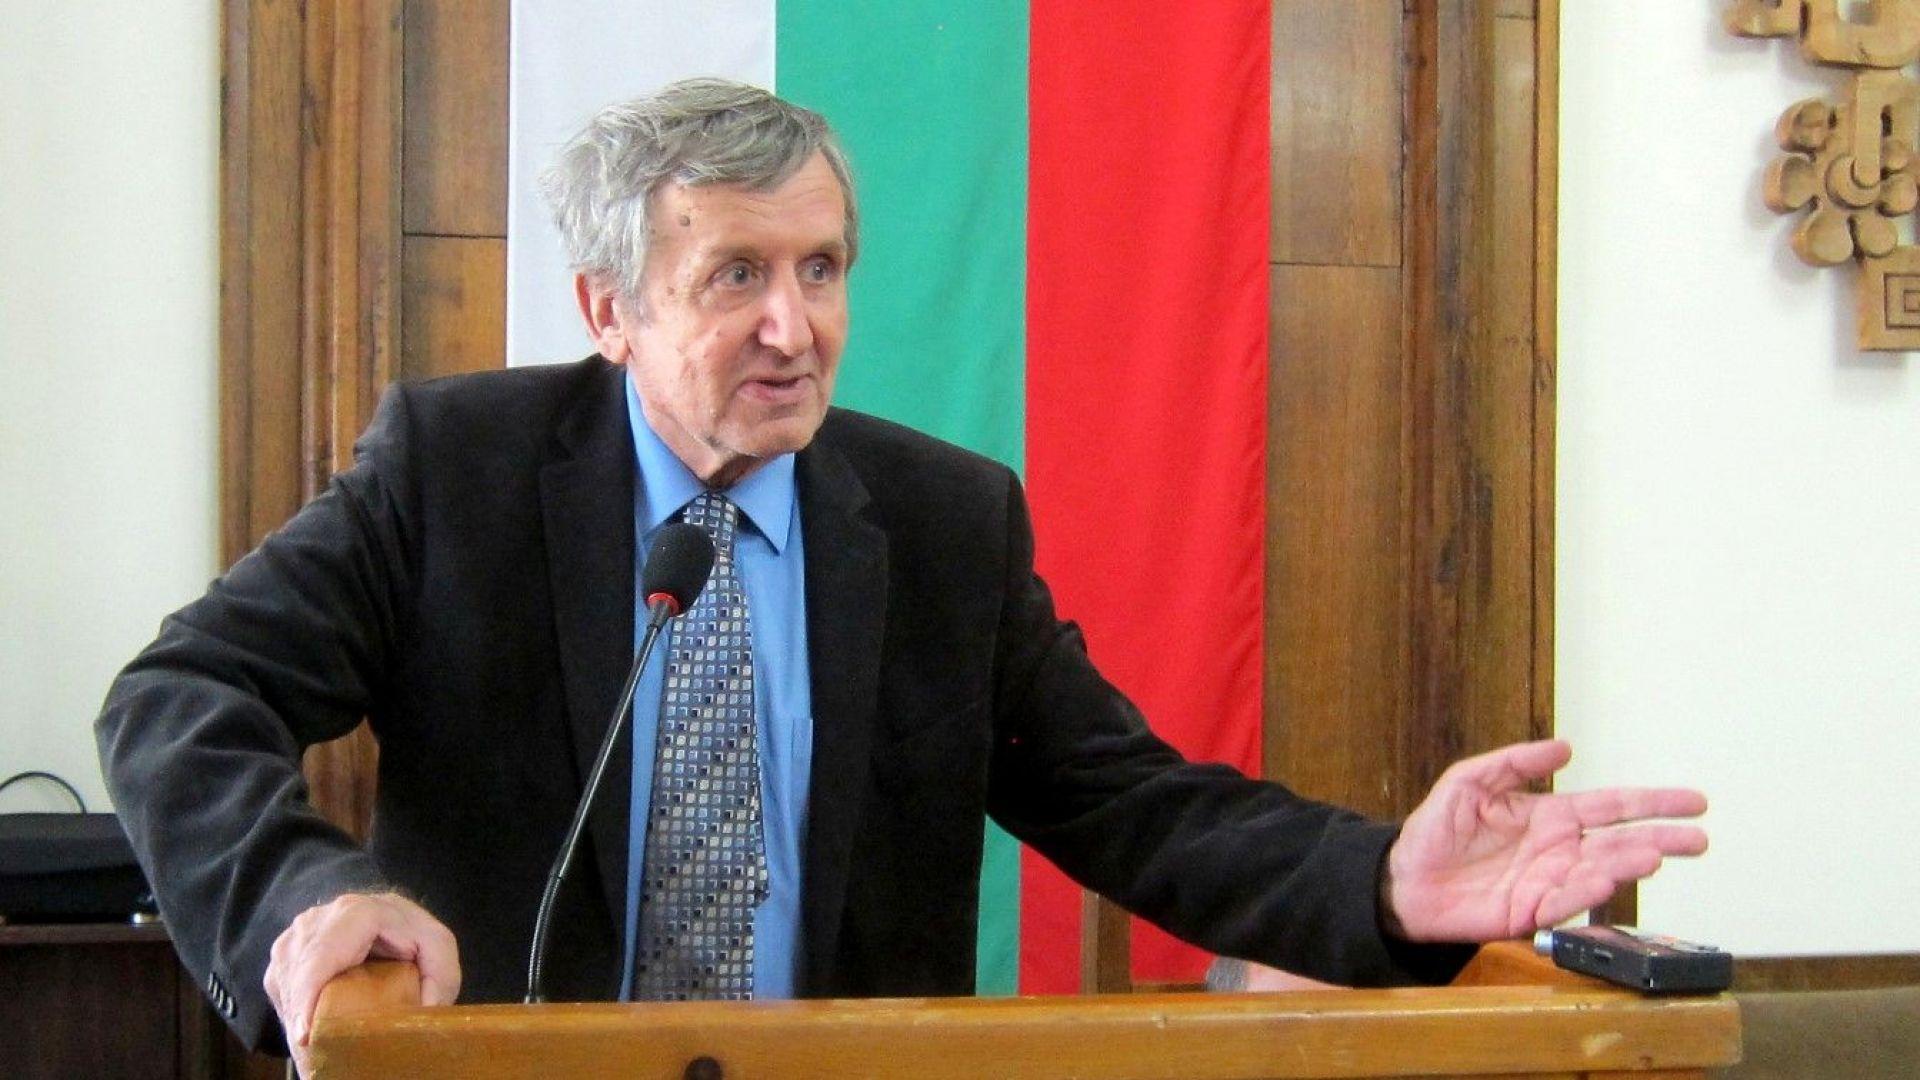 Акад. Георги Марков: Българите се чувстват дискриминирани